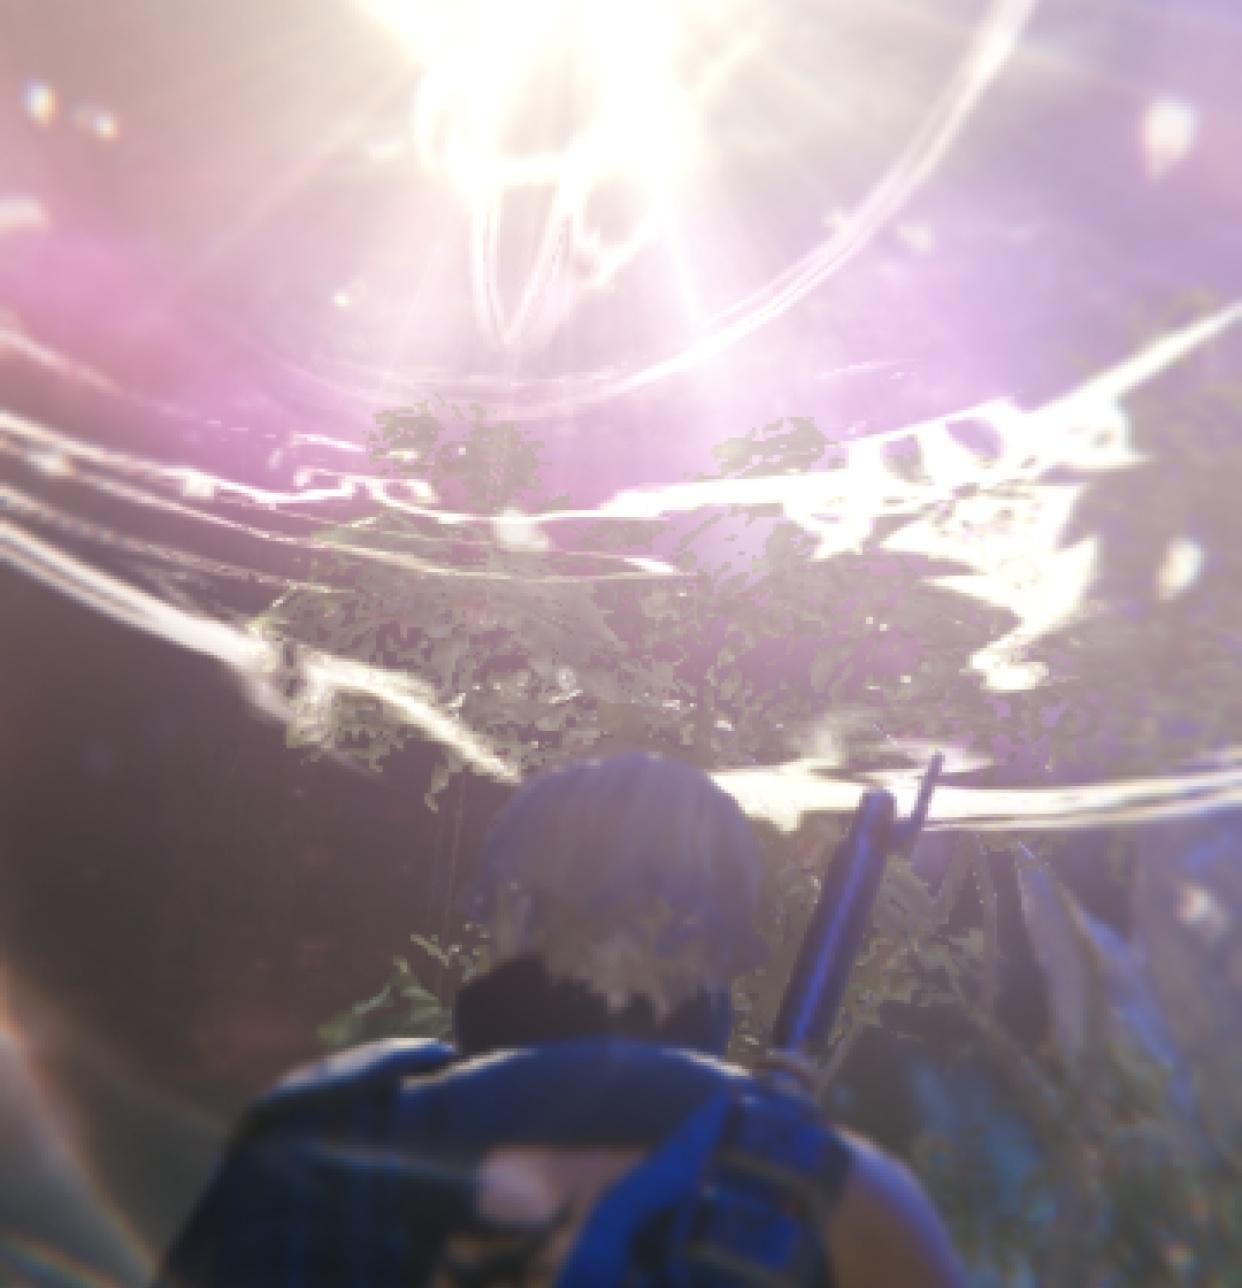 【感動ネタバレ】メビウスFF第4章あらすじ|ラストまでのストーリーを完全収録